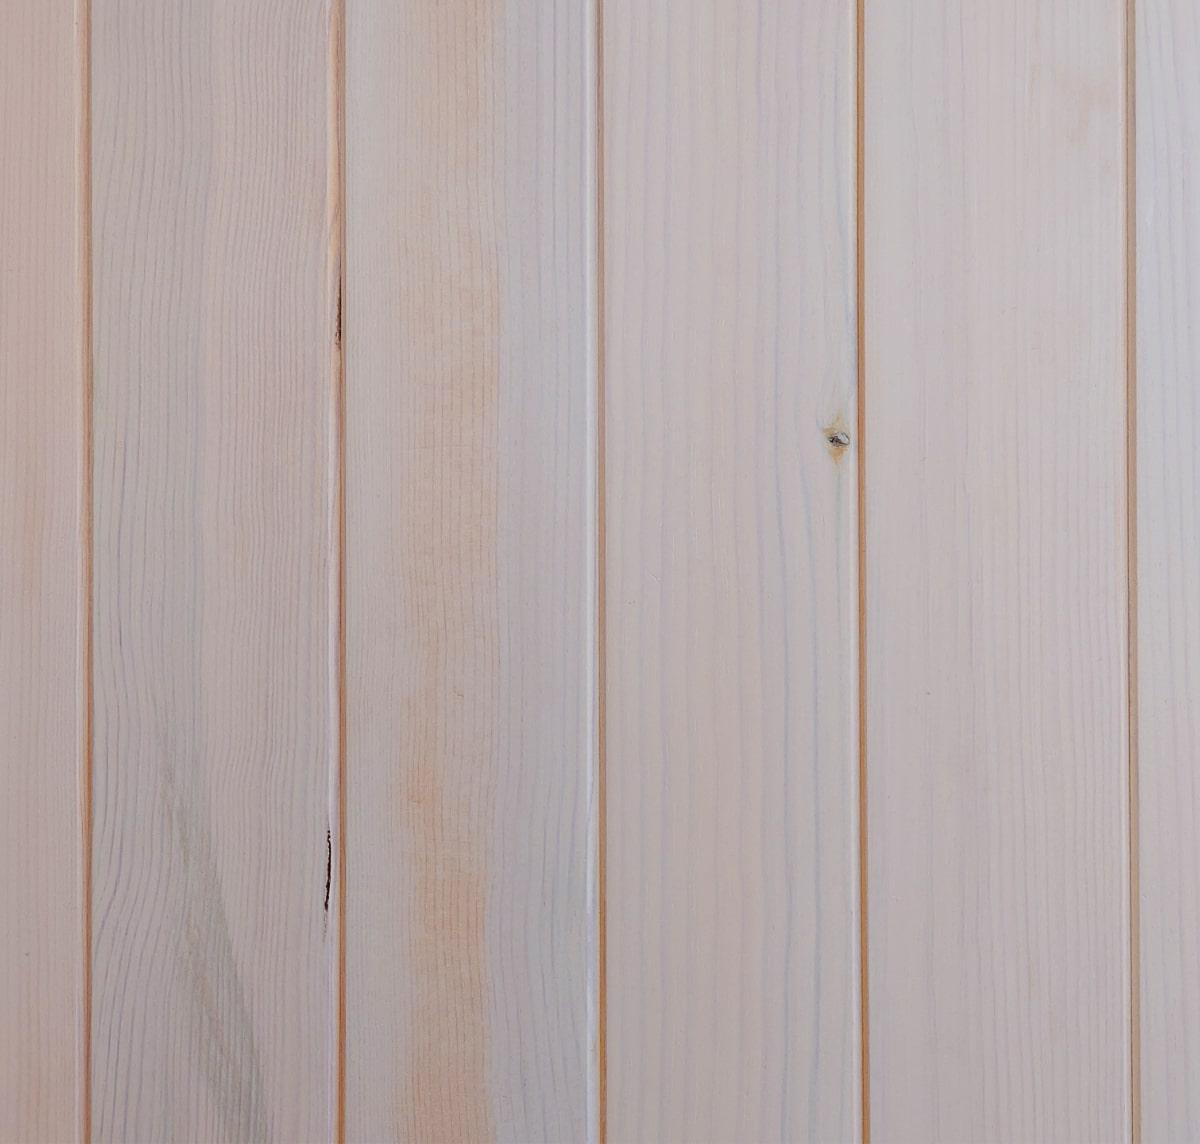 木質系壁のイメージ